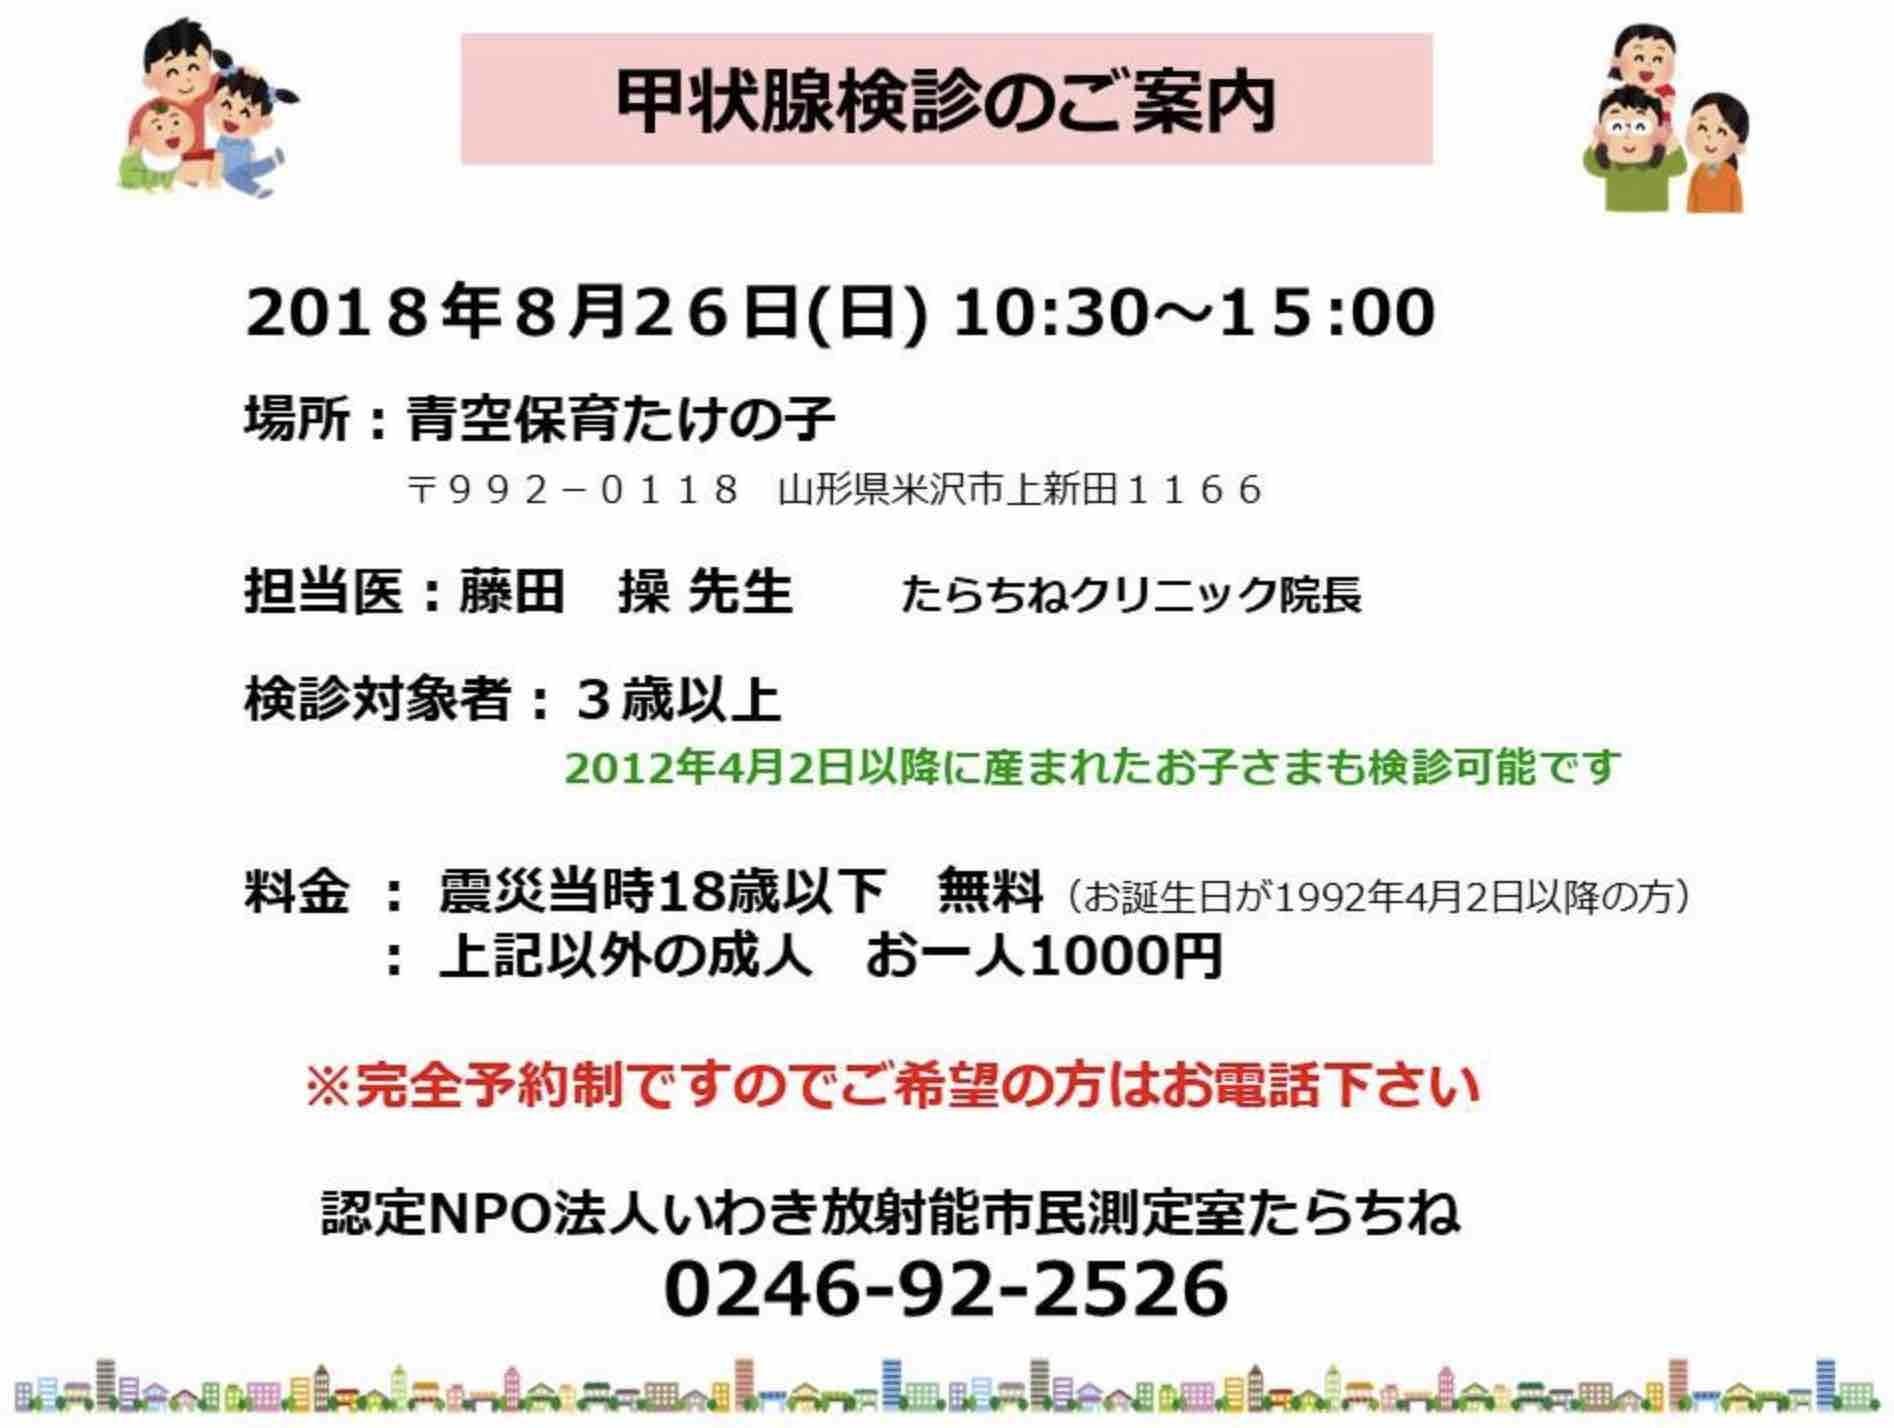 米沢市で出張甲状腺検診_e0068696_07570376.jpg